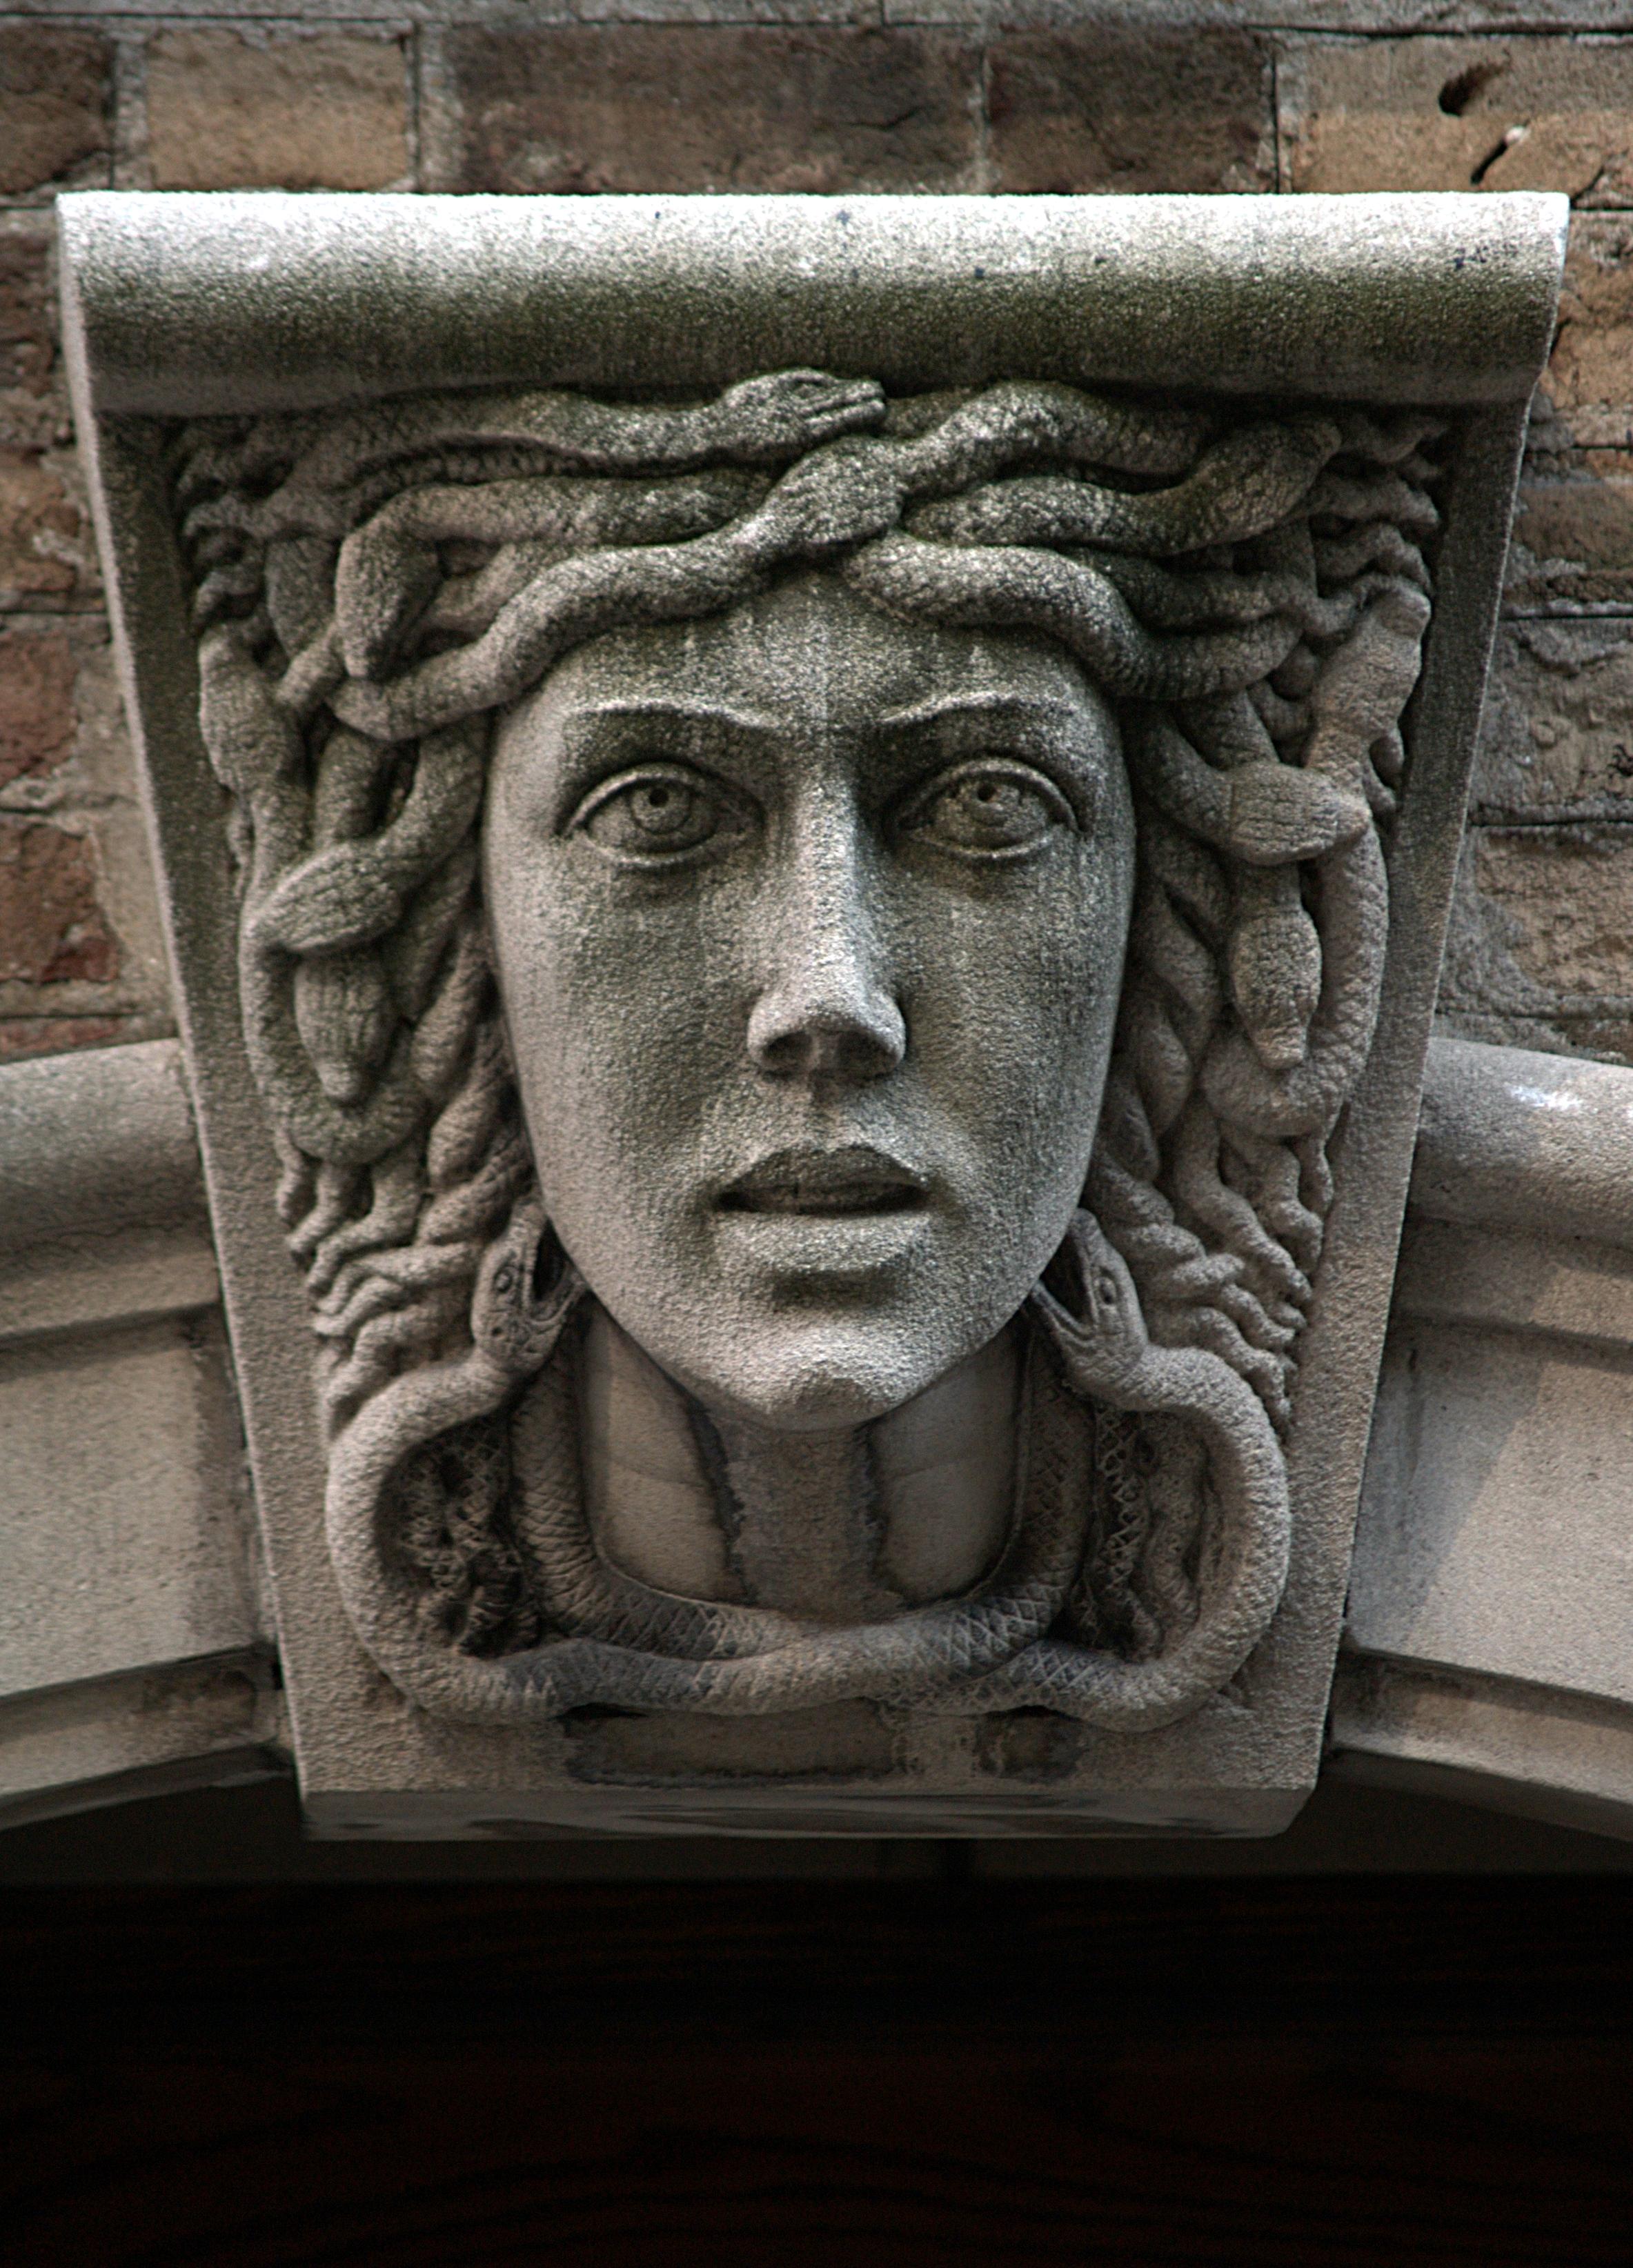 File:Medusa Mascaron (New York, NY).jpg - Wikimedia Commons